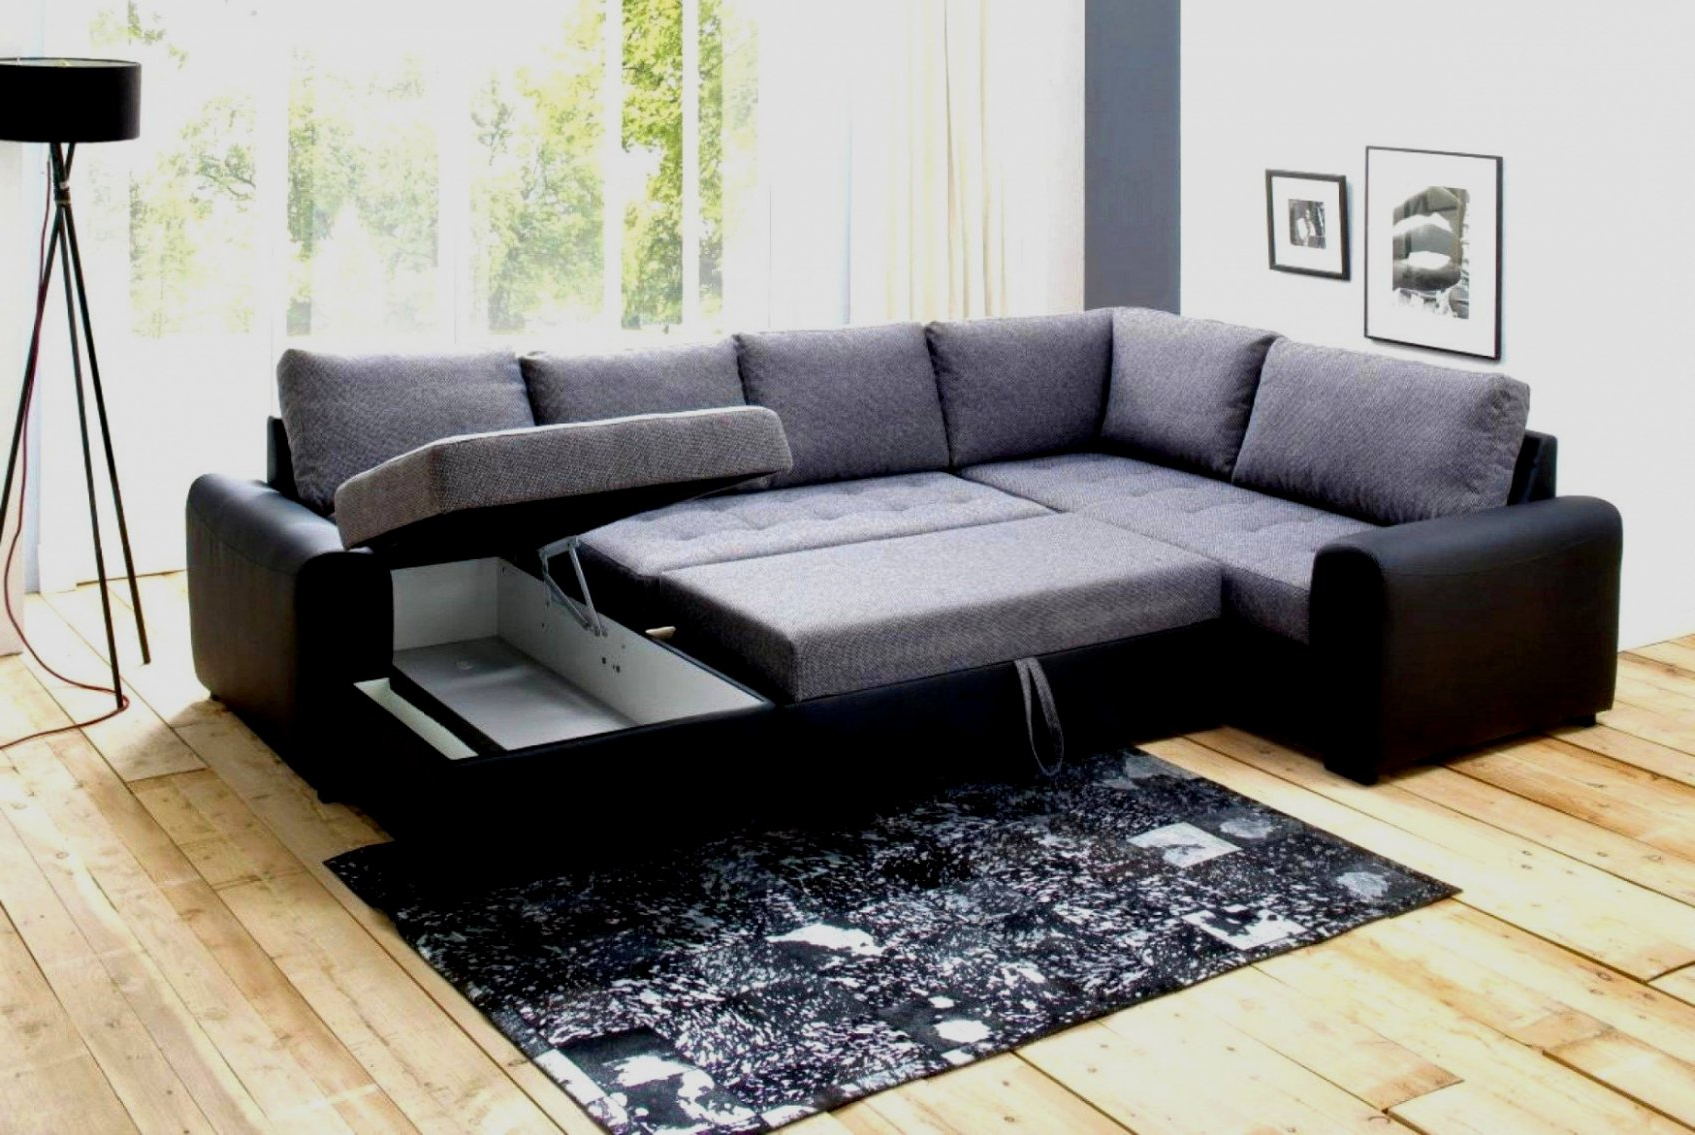 Sofas De Segunda Mano S5d8 sofas Segunda Mano Barcelona Encantador sofas En Santander